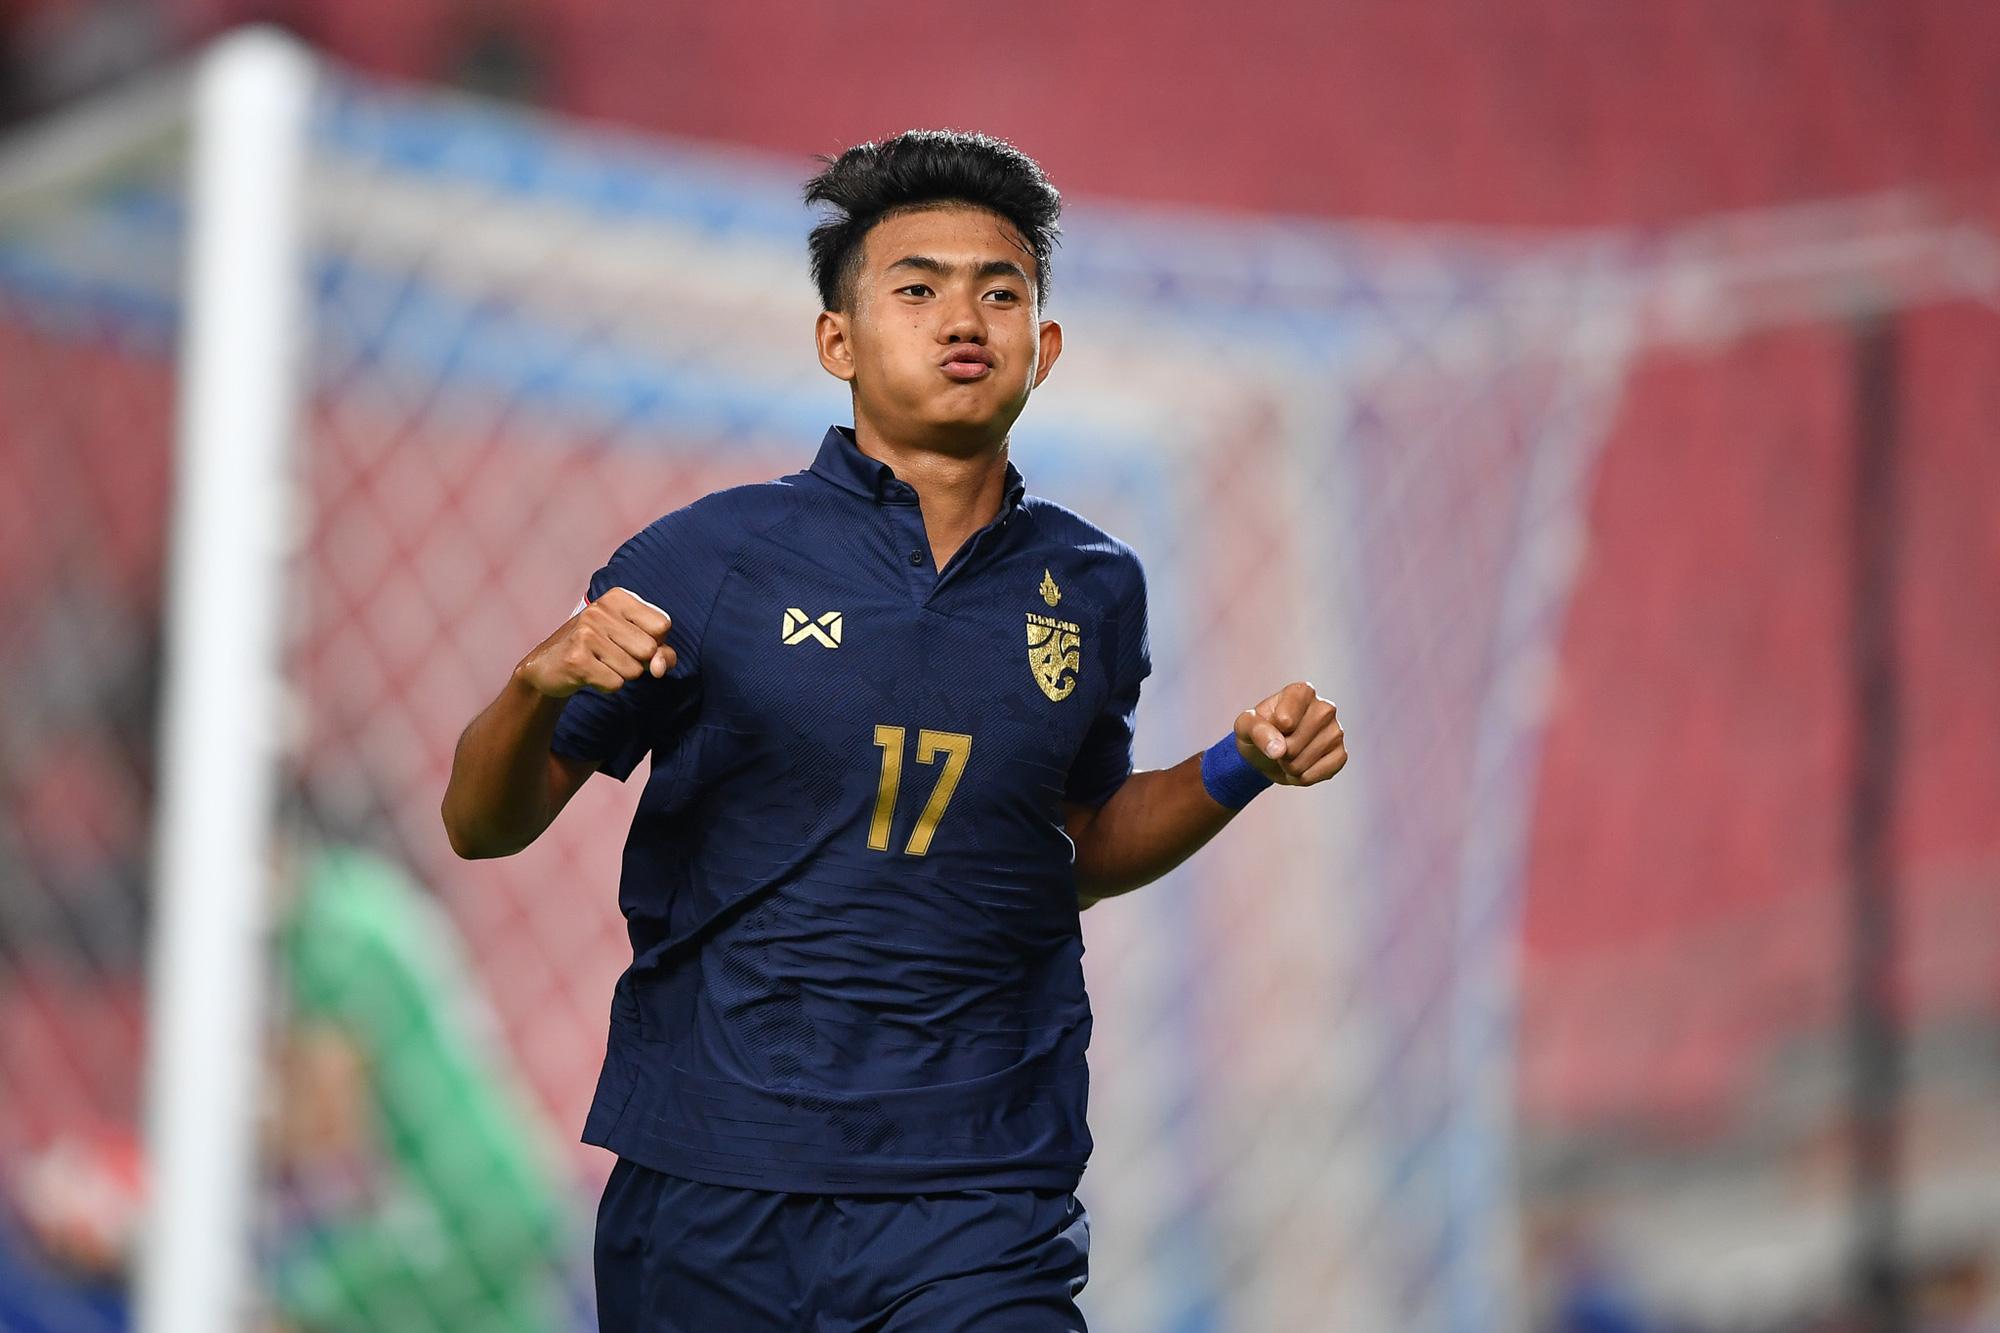 Đoàn Văn Hậu bị đánh bật khỏi top 10 cầu thủ U21 có giá trị chuyển nhượng cao nhất Đông Nam Á - Ảnh 1.